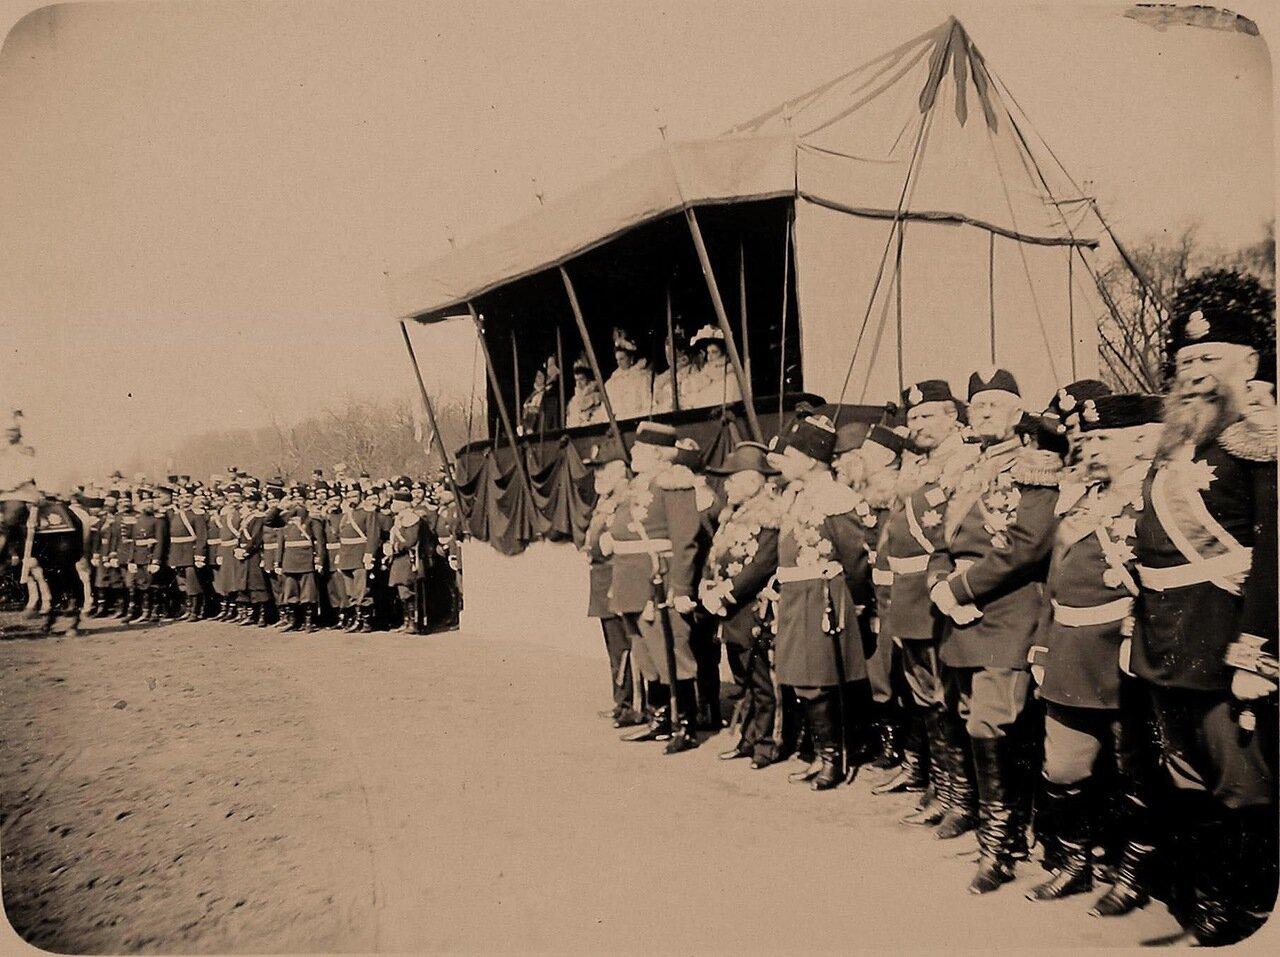 07. Императрица Александра Федоровна (в царской палатке, в центре), великие княгини, высшие офицерские чины наблюдают прохождение кавалерии во время смотра на Царицыном лугу